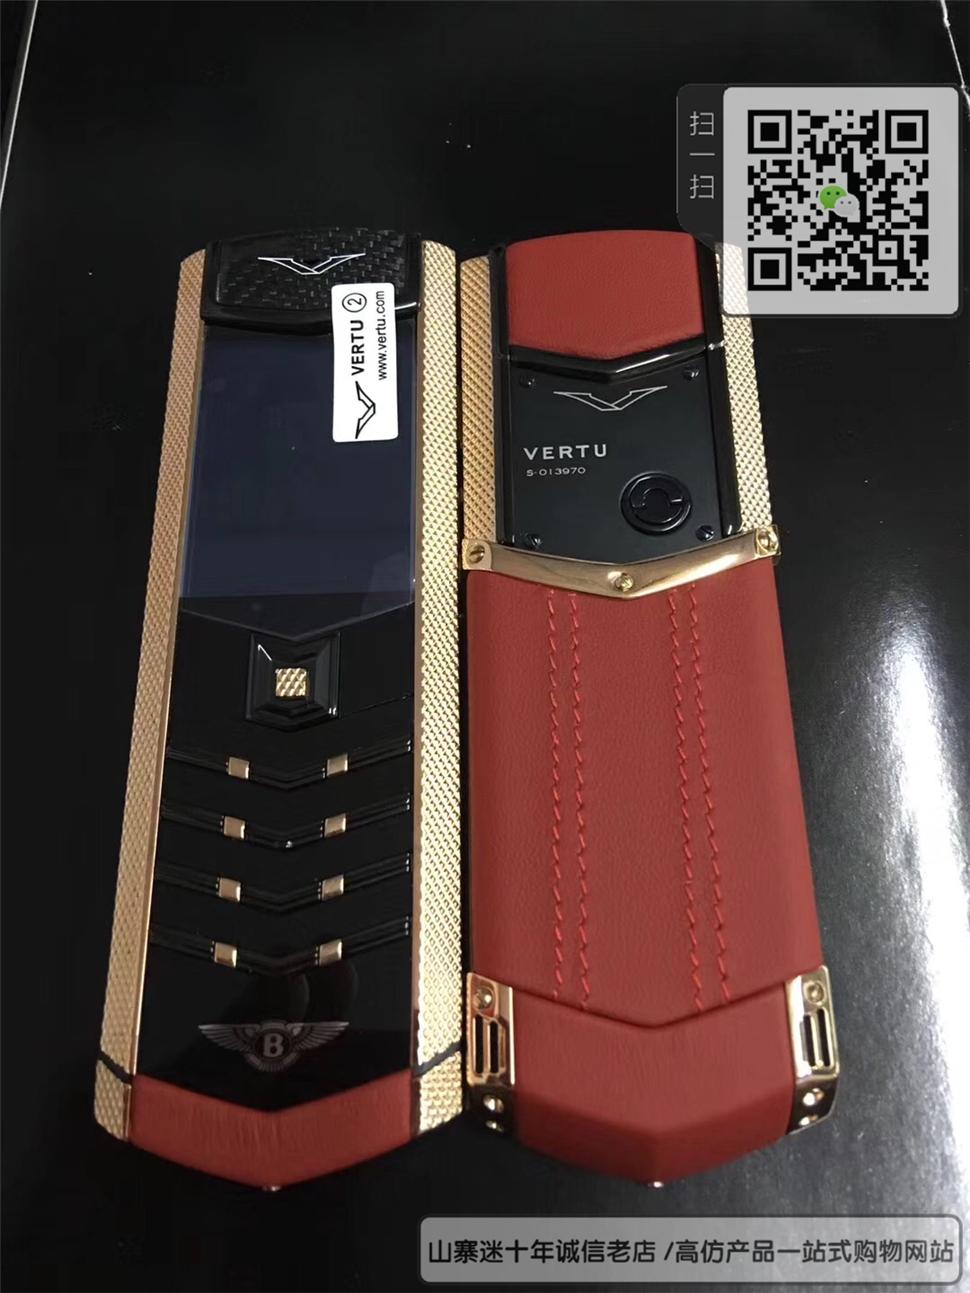 高仿威图VERTU直板手机 -红色+黑色+黄金色 - 小牛皮- 巴黎螺纹钉+隐藏键盘☼